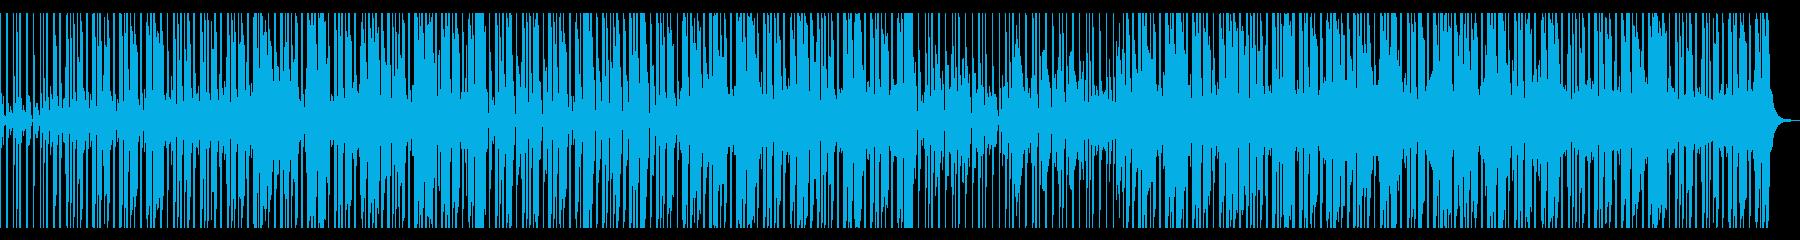 【短いVer3】スローファンクロックの再生済みの波形